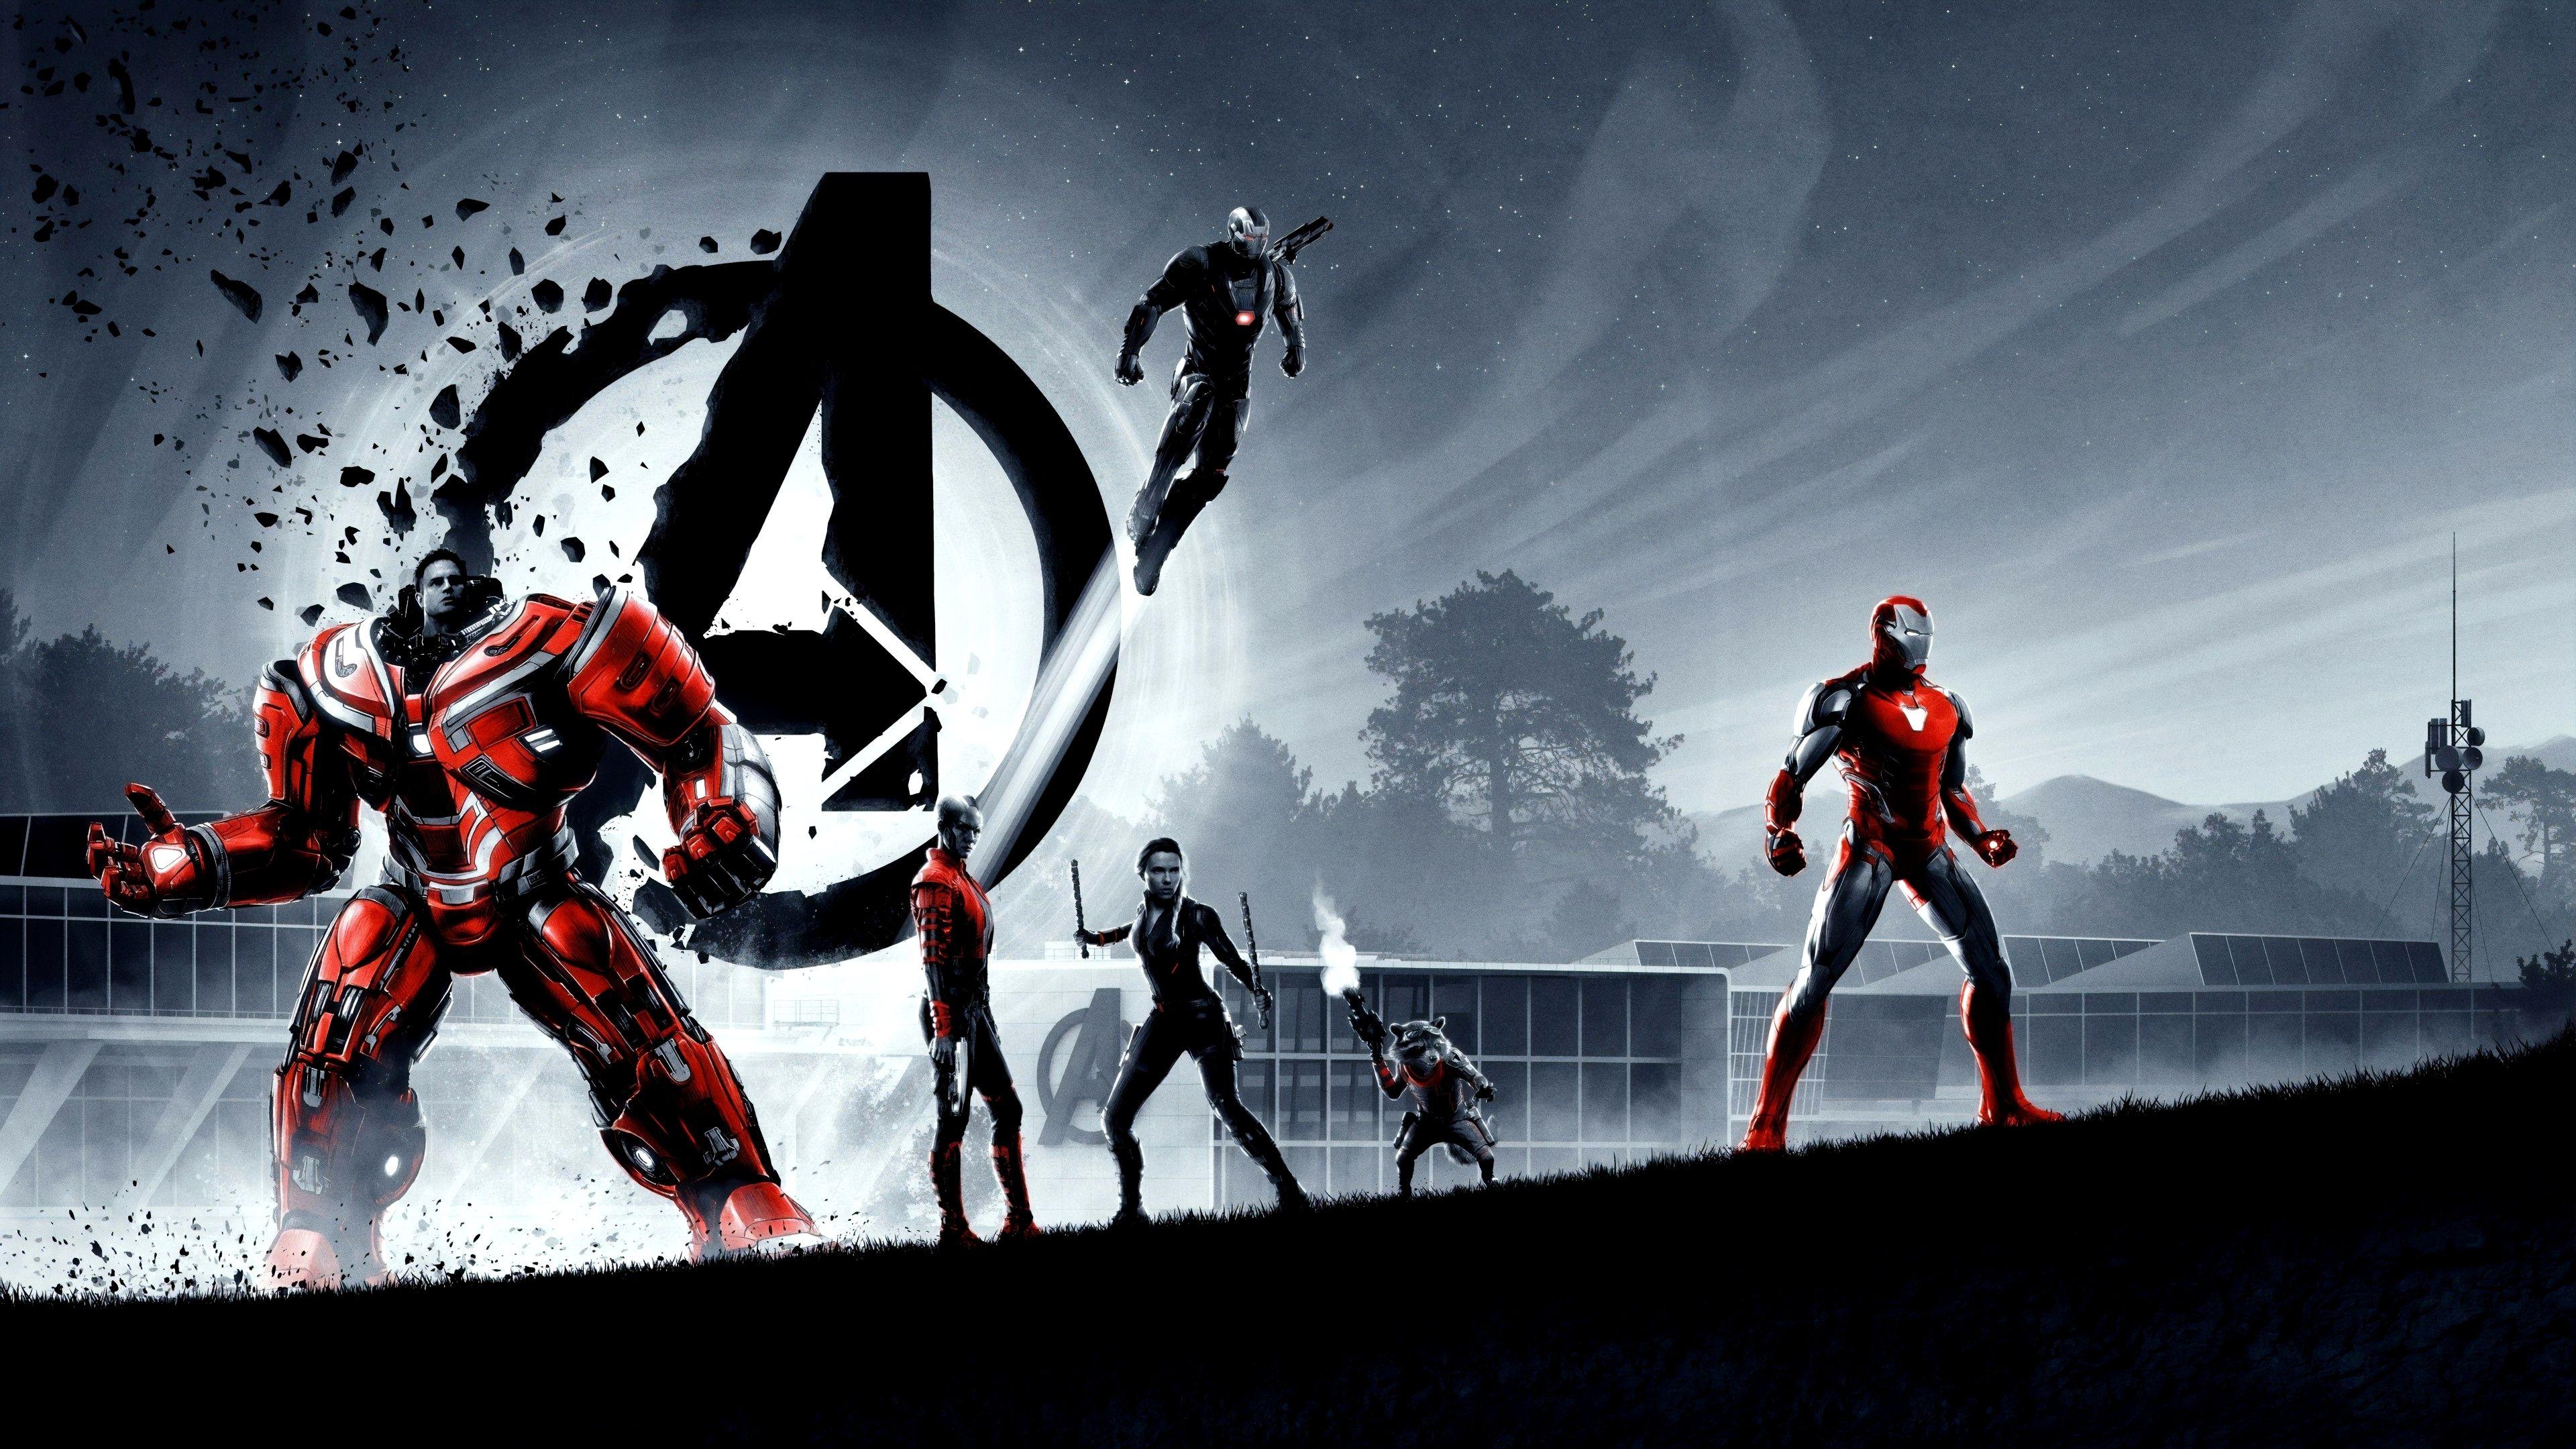 Ironman 4k Wallpaper Pc Trick 4k Wallpapers For Pc Avengers Avengers Wallpaper